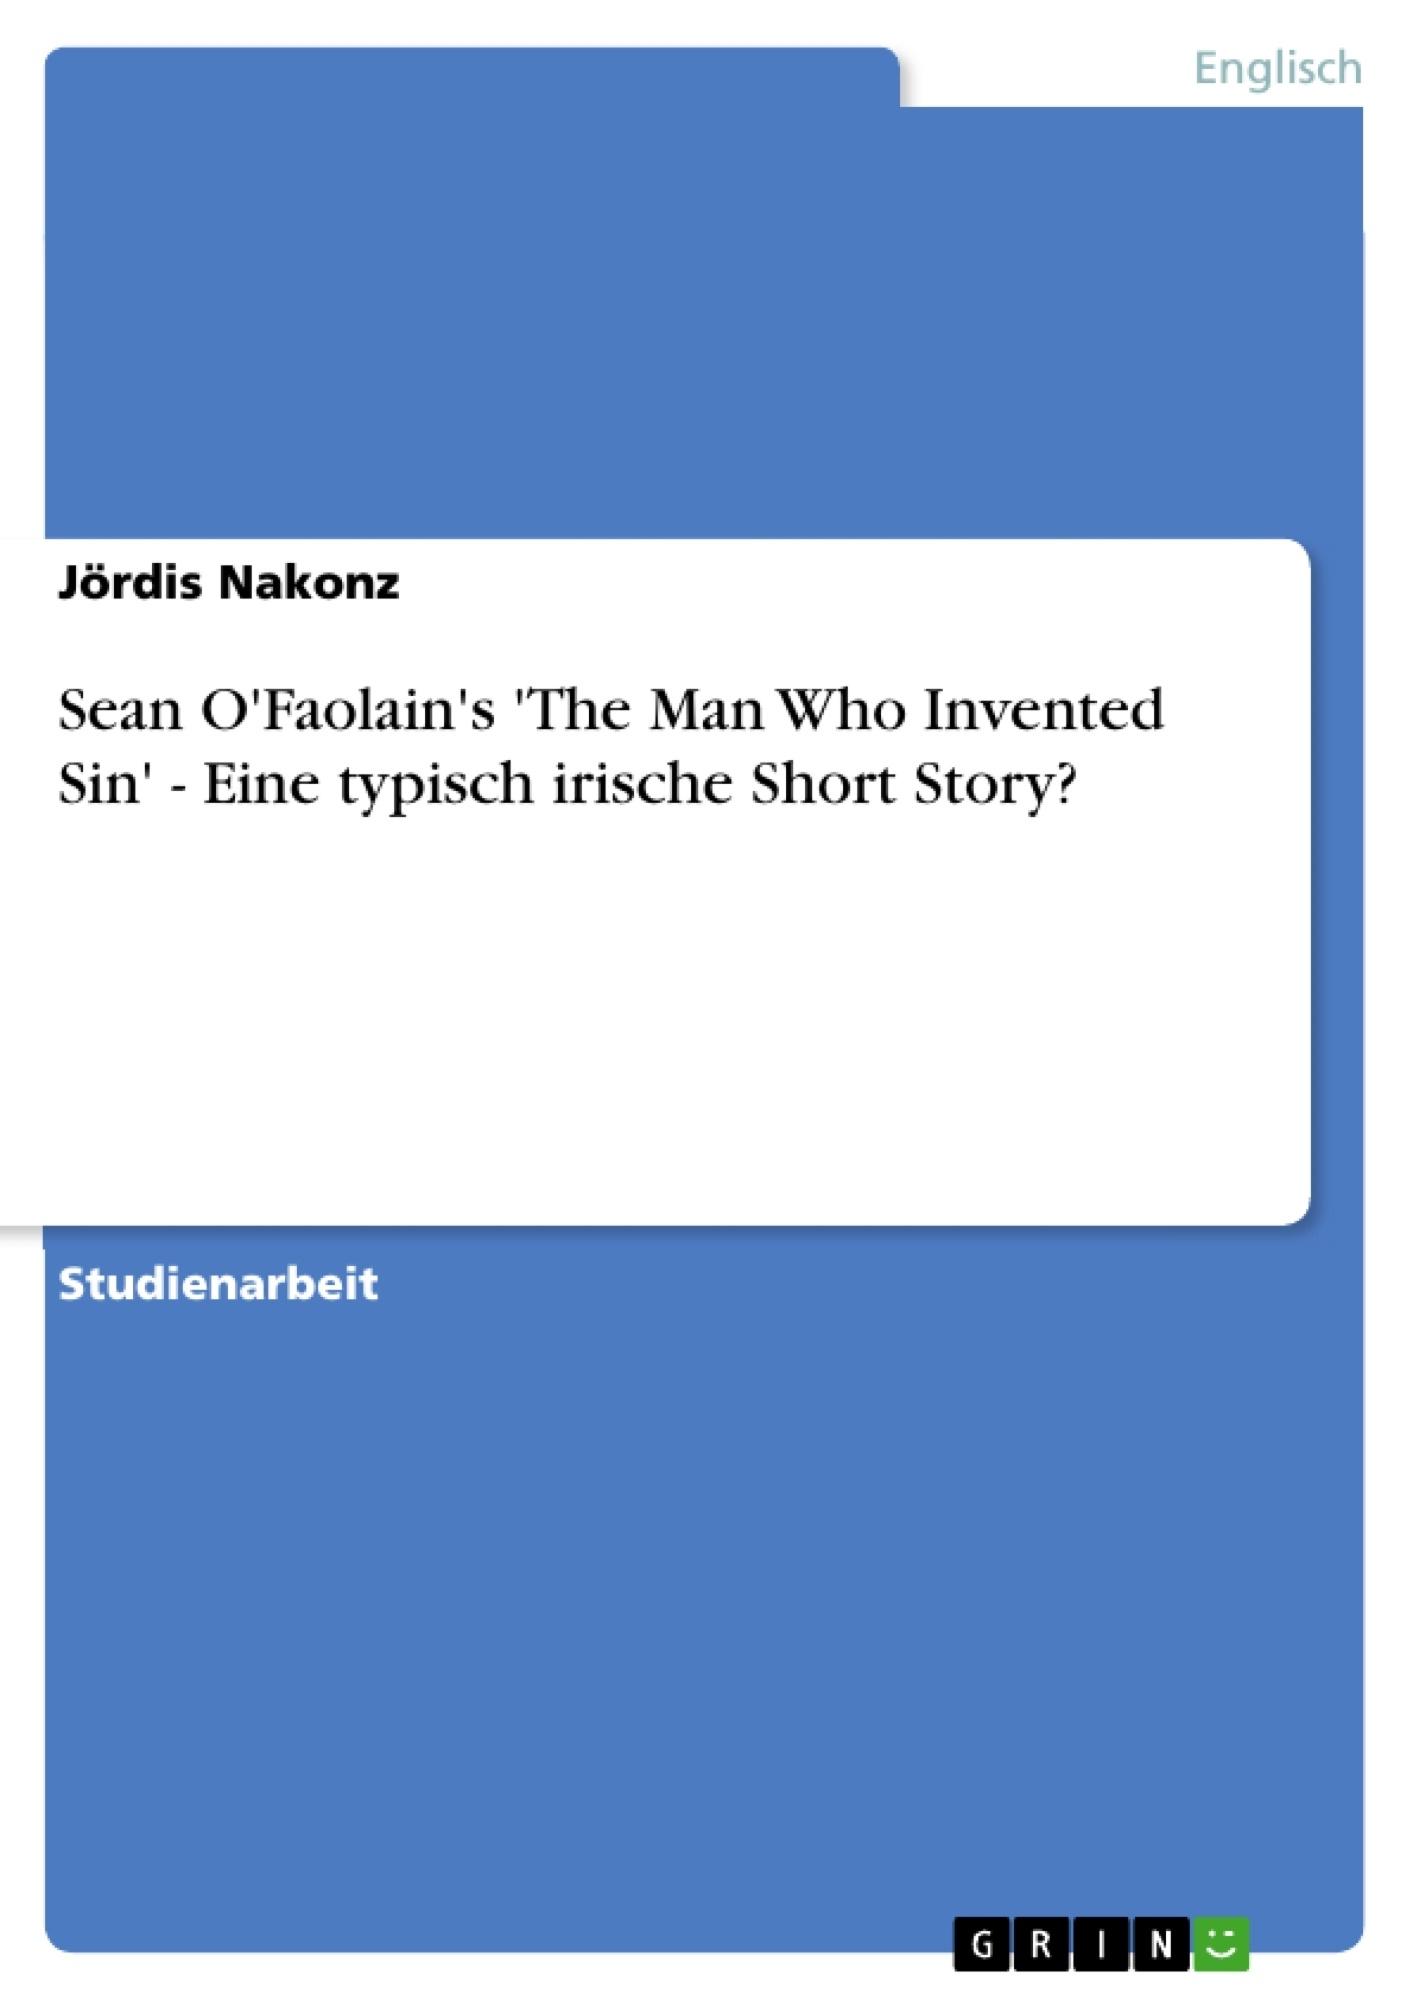 Titel: Sean O'Faolain's 'The Man Who Invented Sin' - Eine typisch irische Short Story?